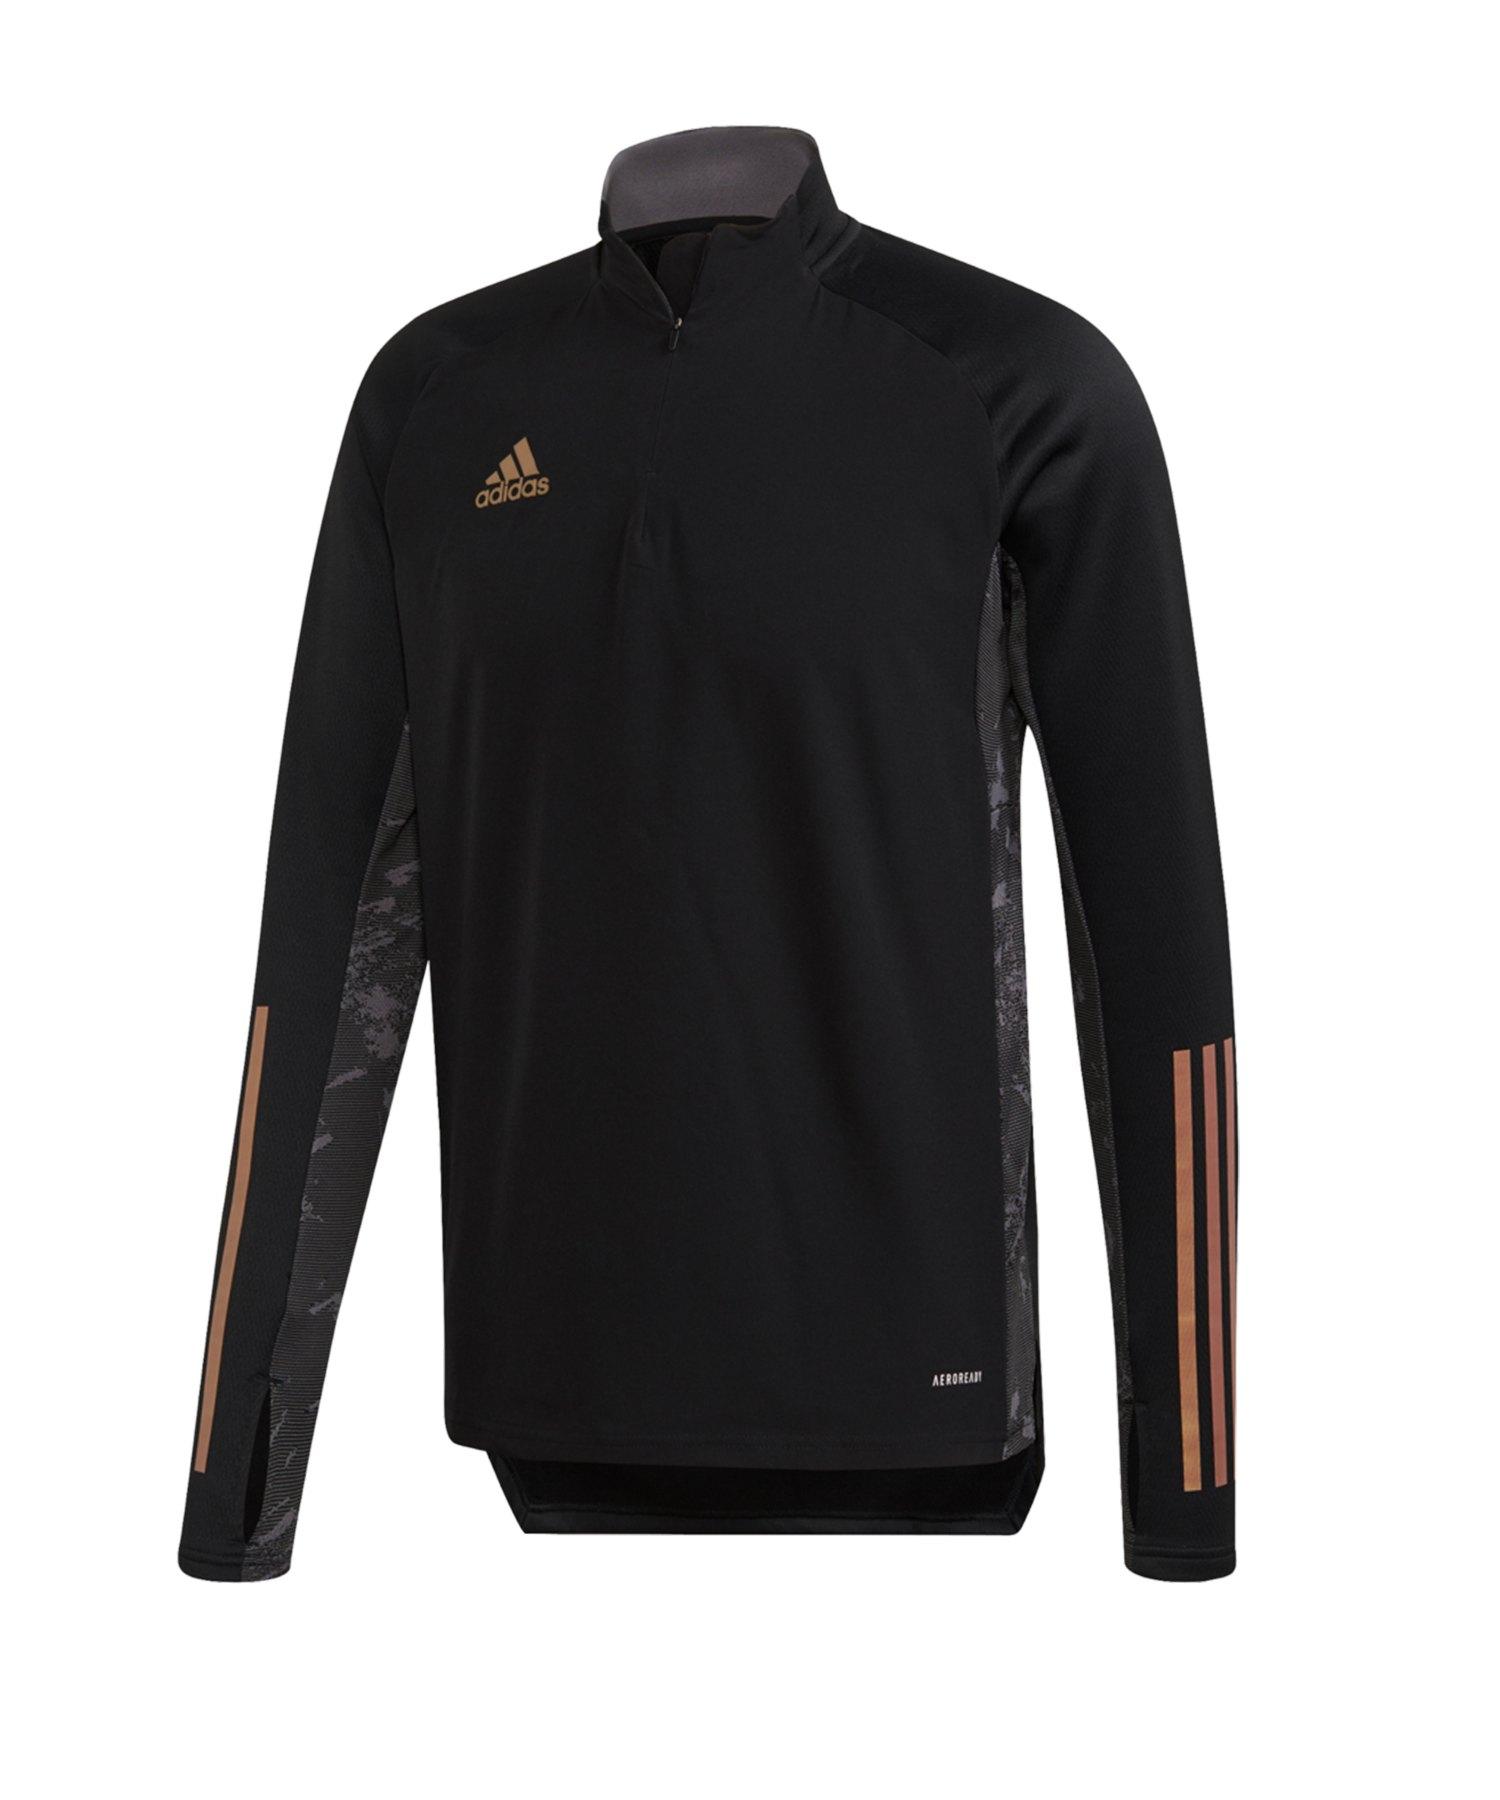 adidas Condivo 20 Ult W Sweatshirt Schwarz - schwarz